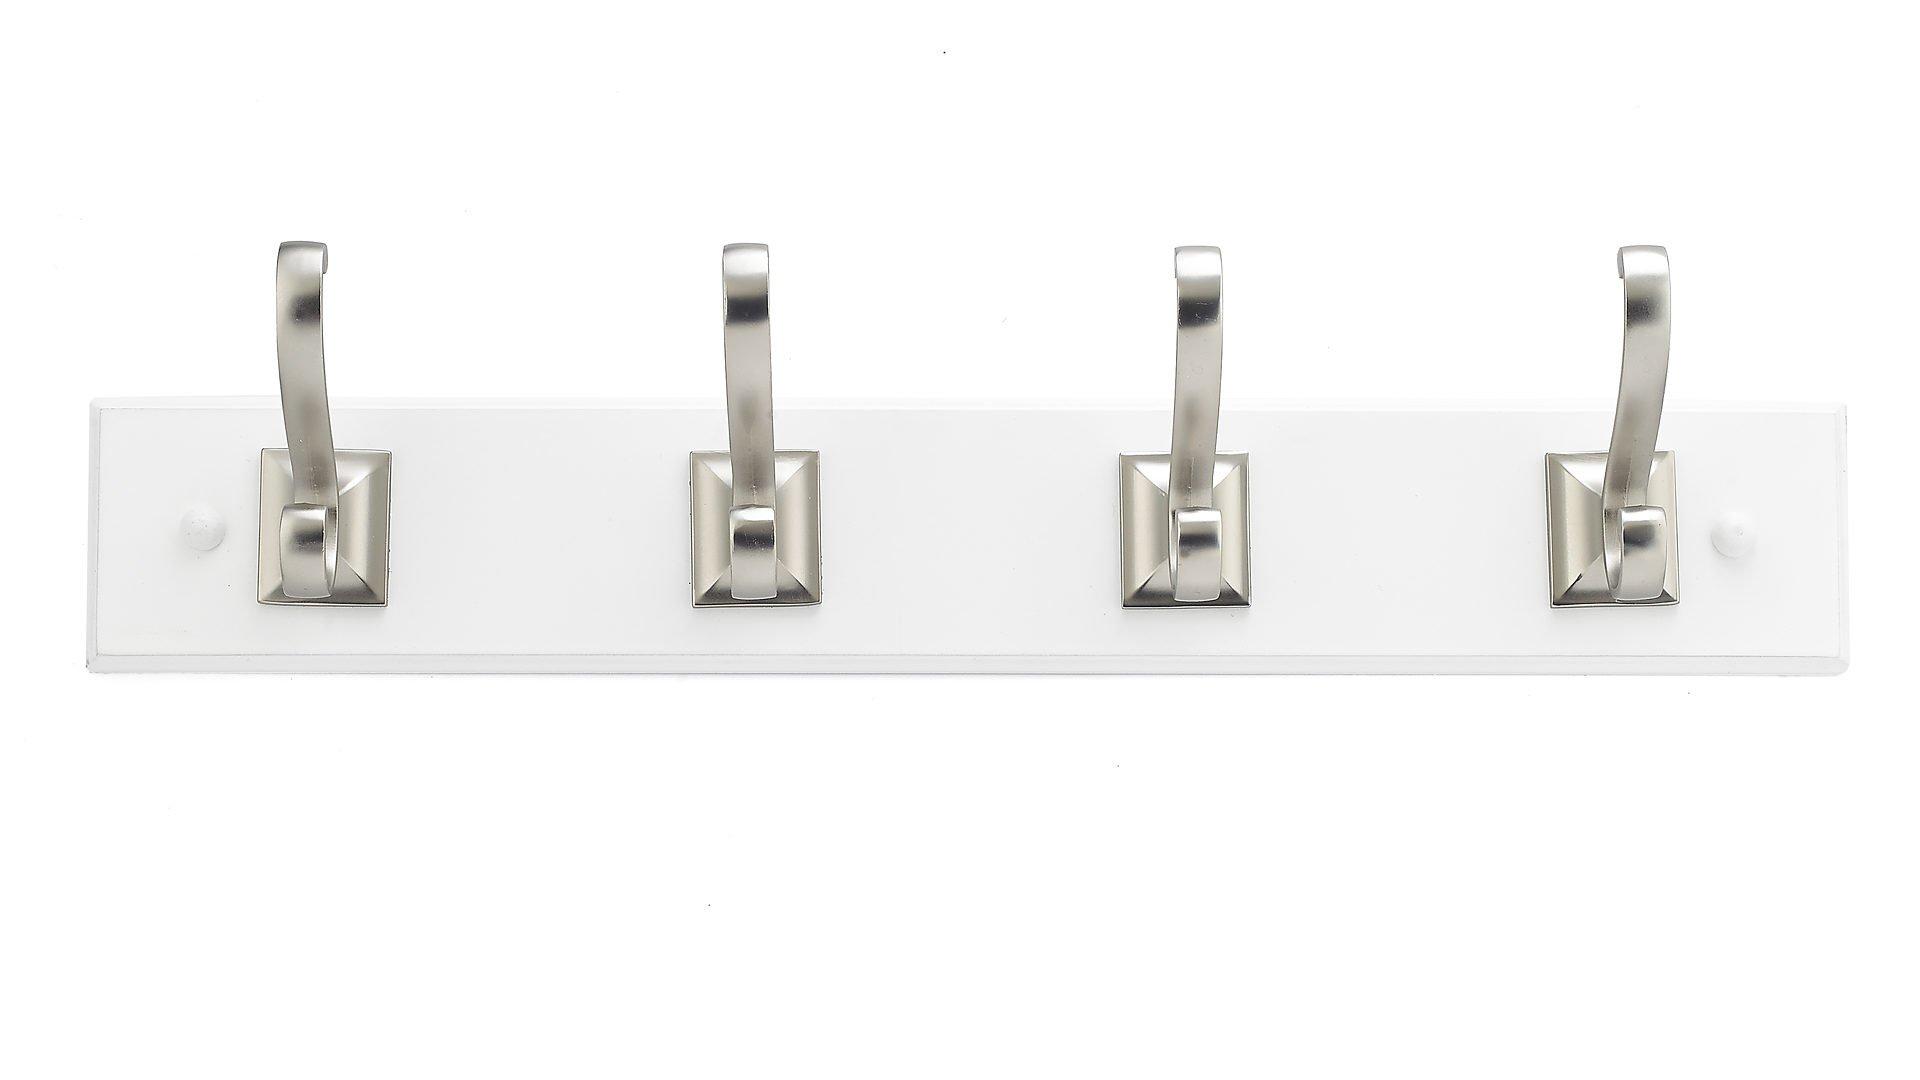 Richelieu Hardware T050210195 Transitional Hook Rack, White/Brushed Nickel Finish by Richelieu Hardware (Image #2)